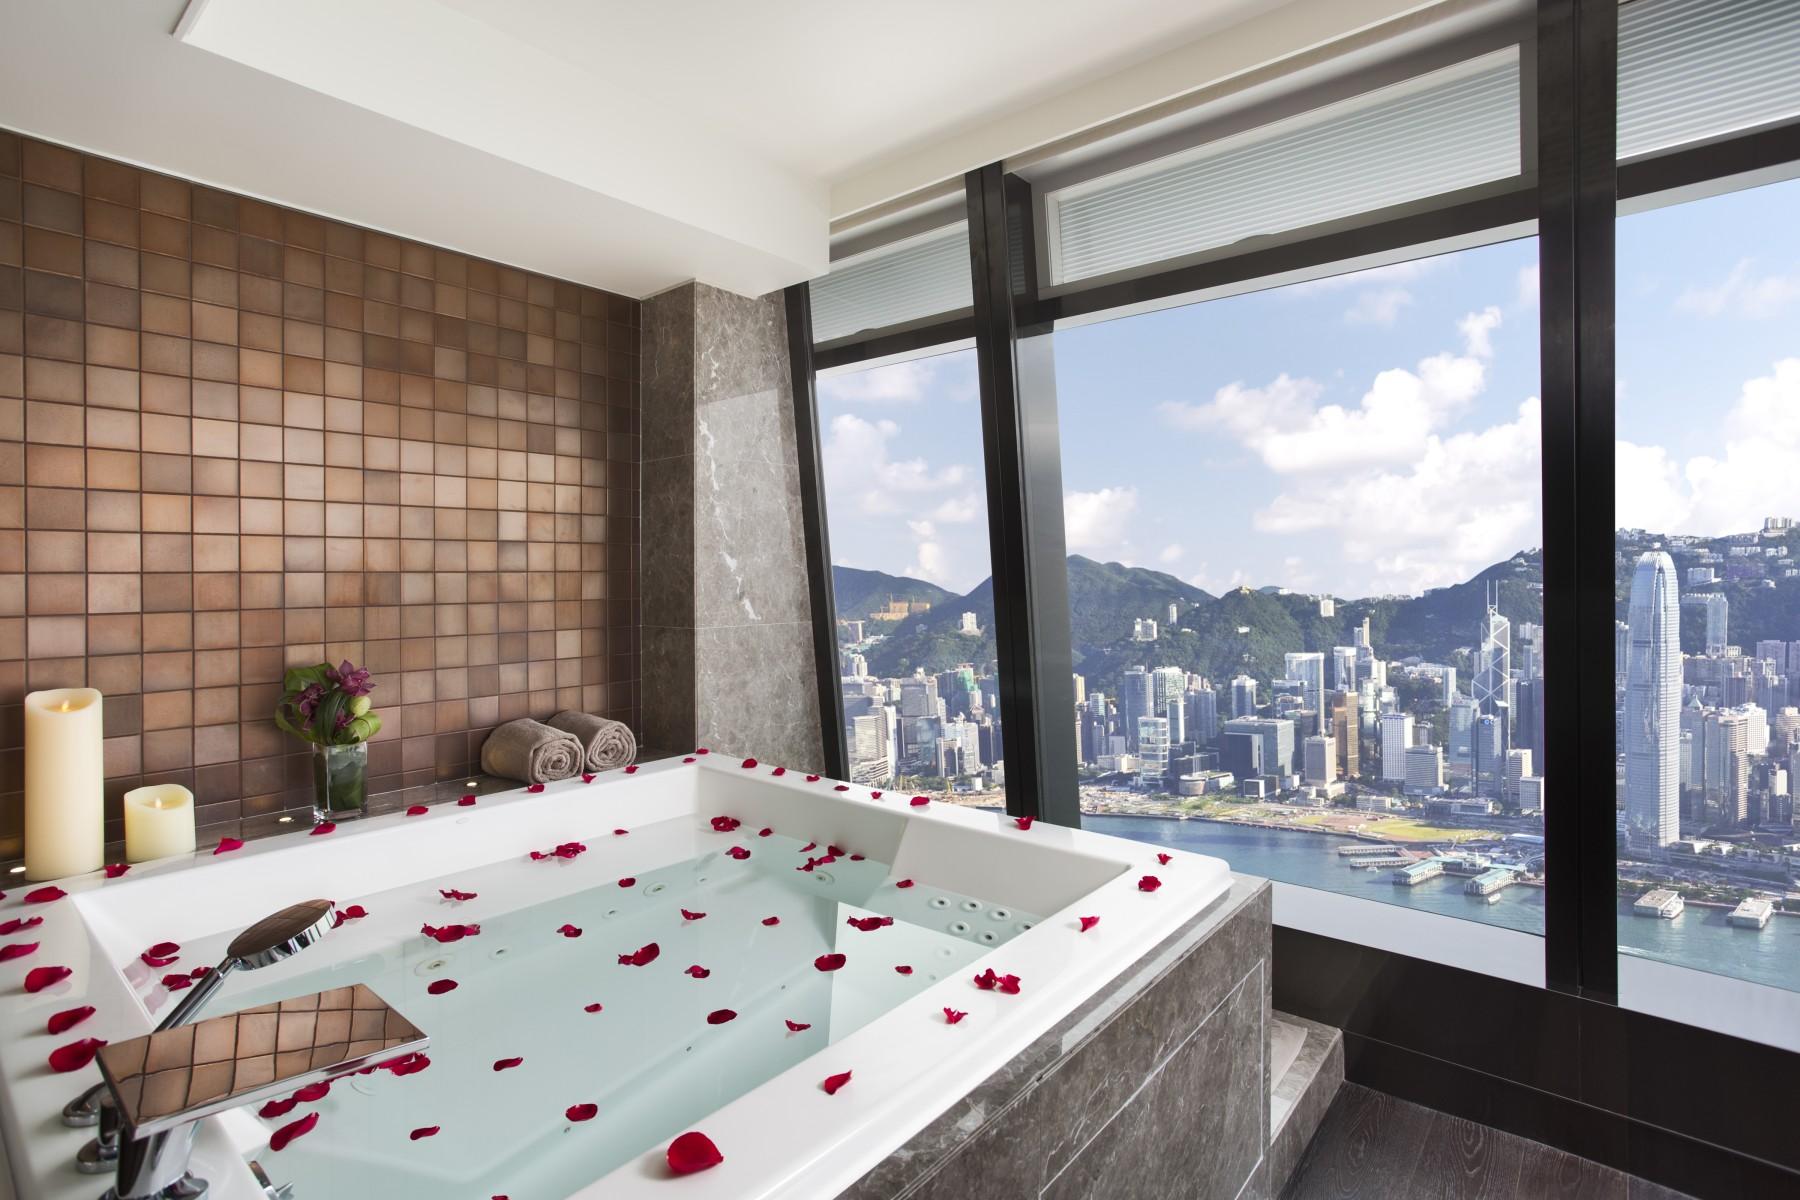 Vasca Da Bagno Enorme bagni di hotel più grandi di un appartamento